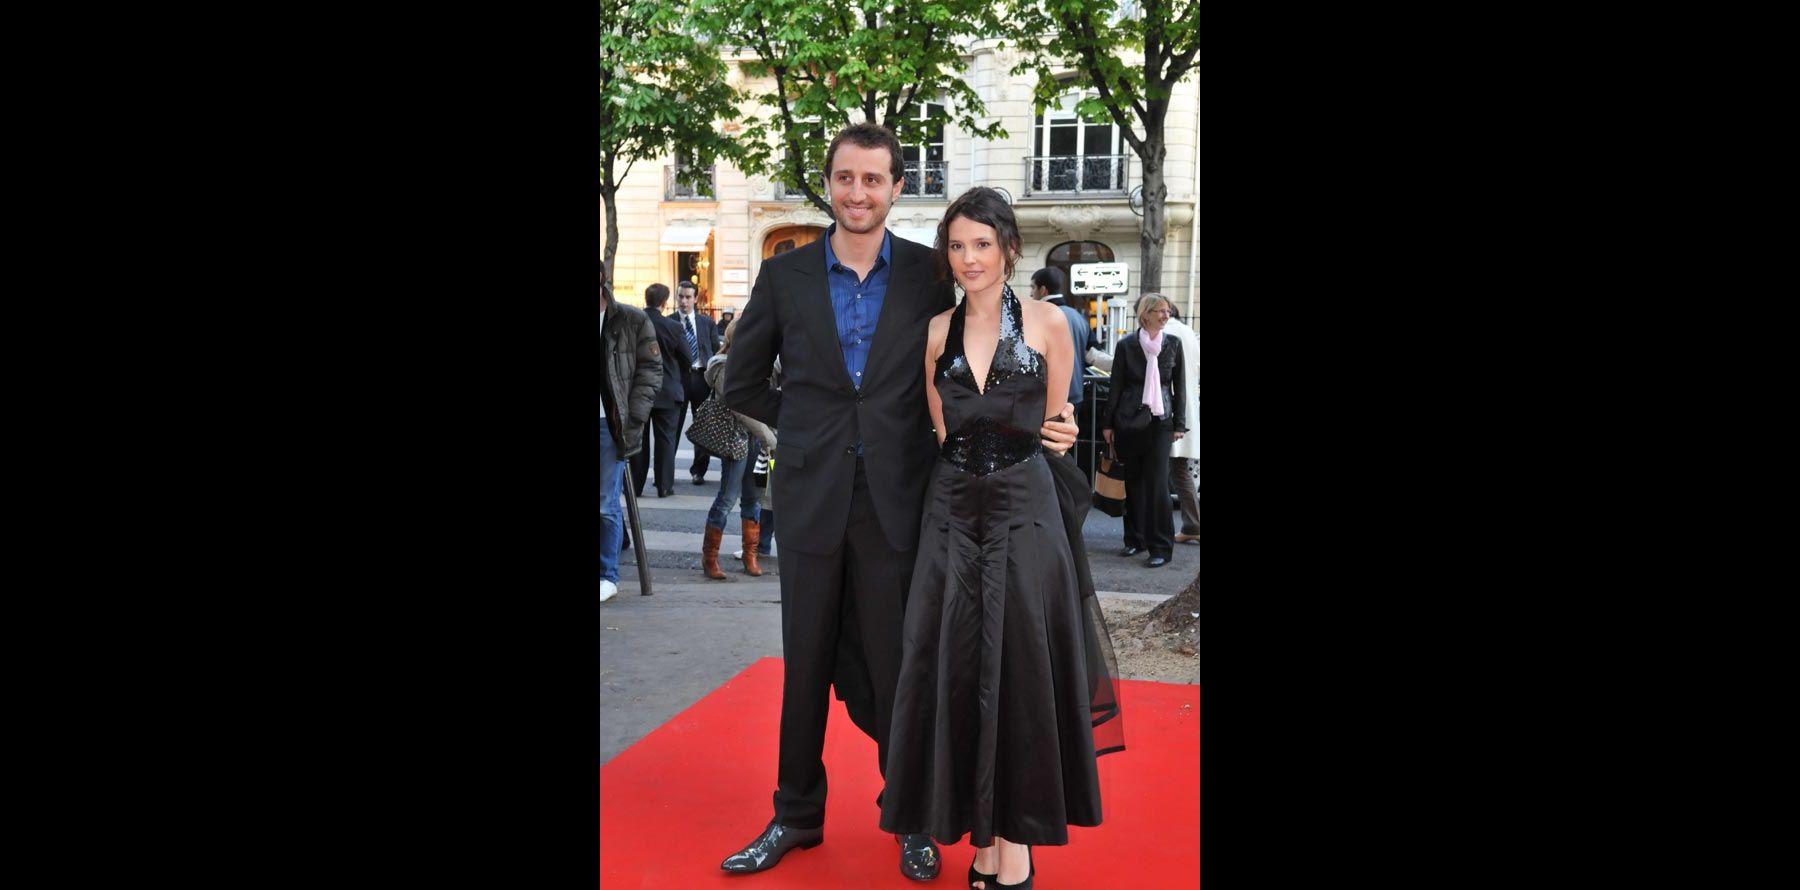 Virginie Ledoyen et Arié Elmaleh séparés : Fin du couple